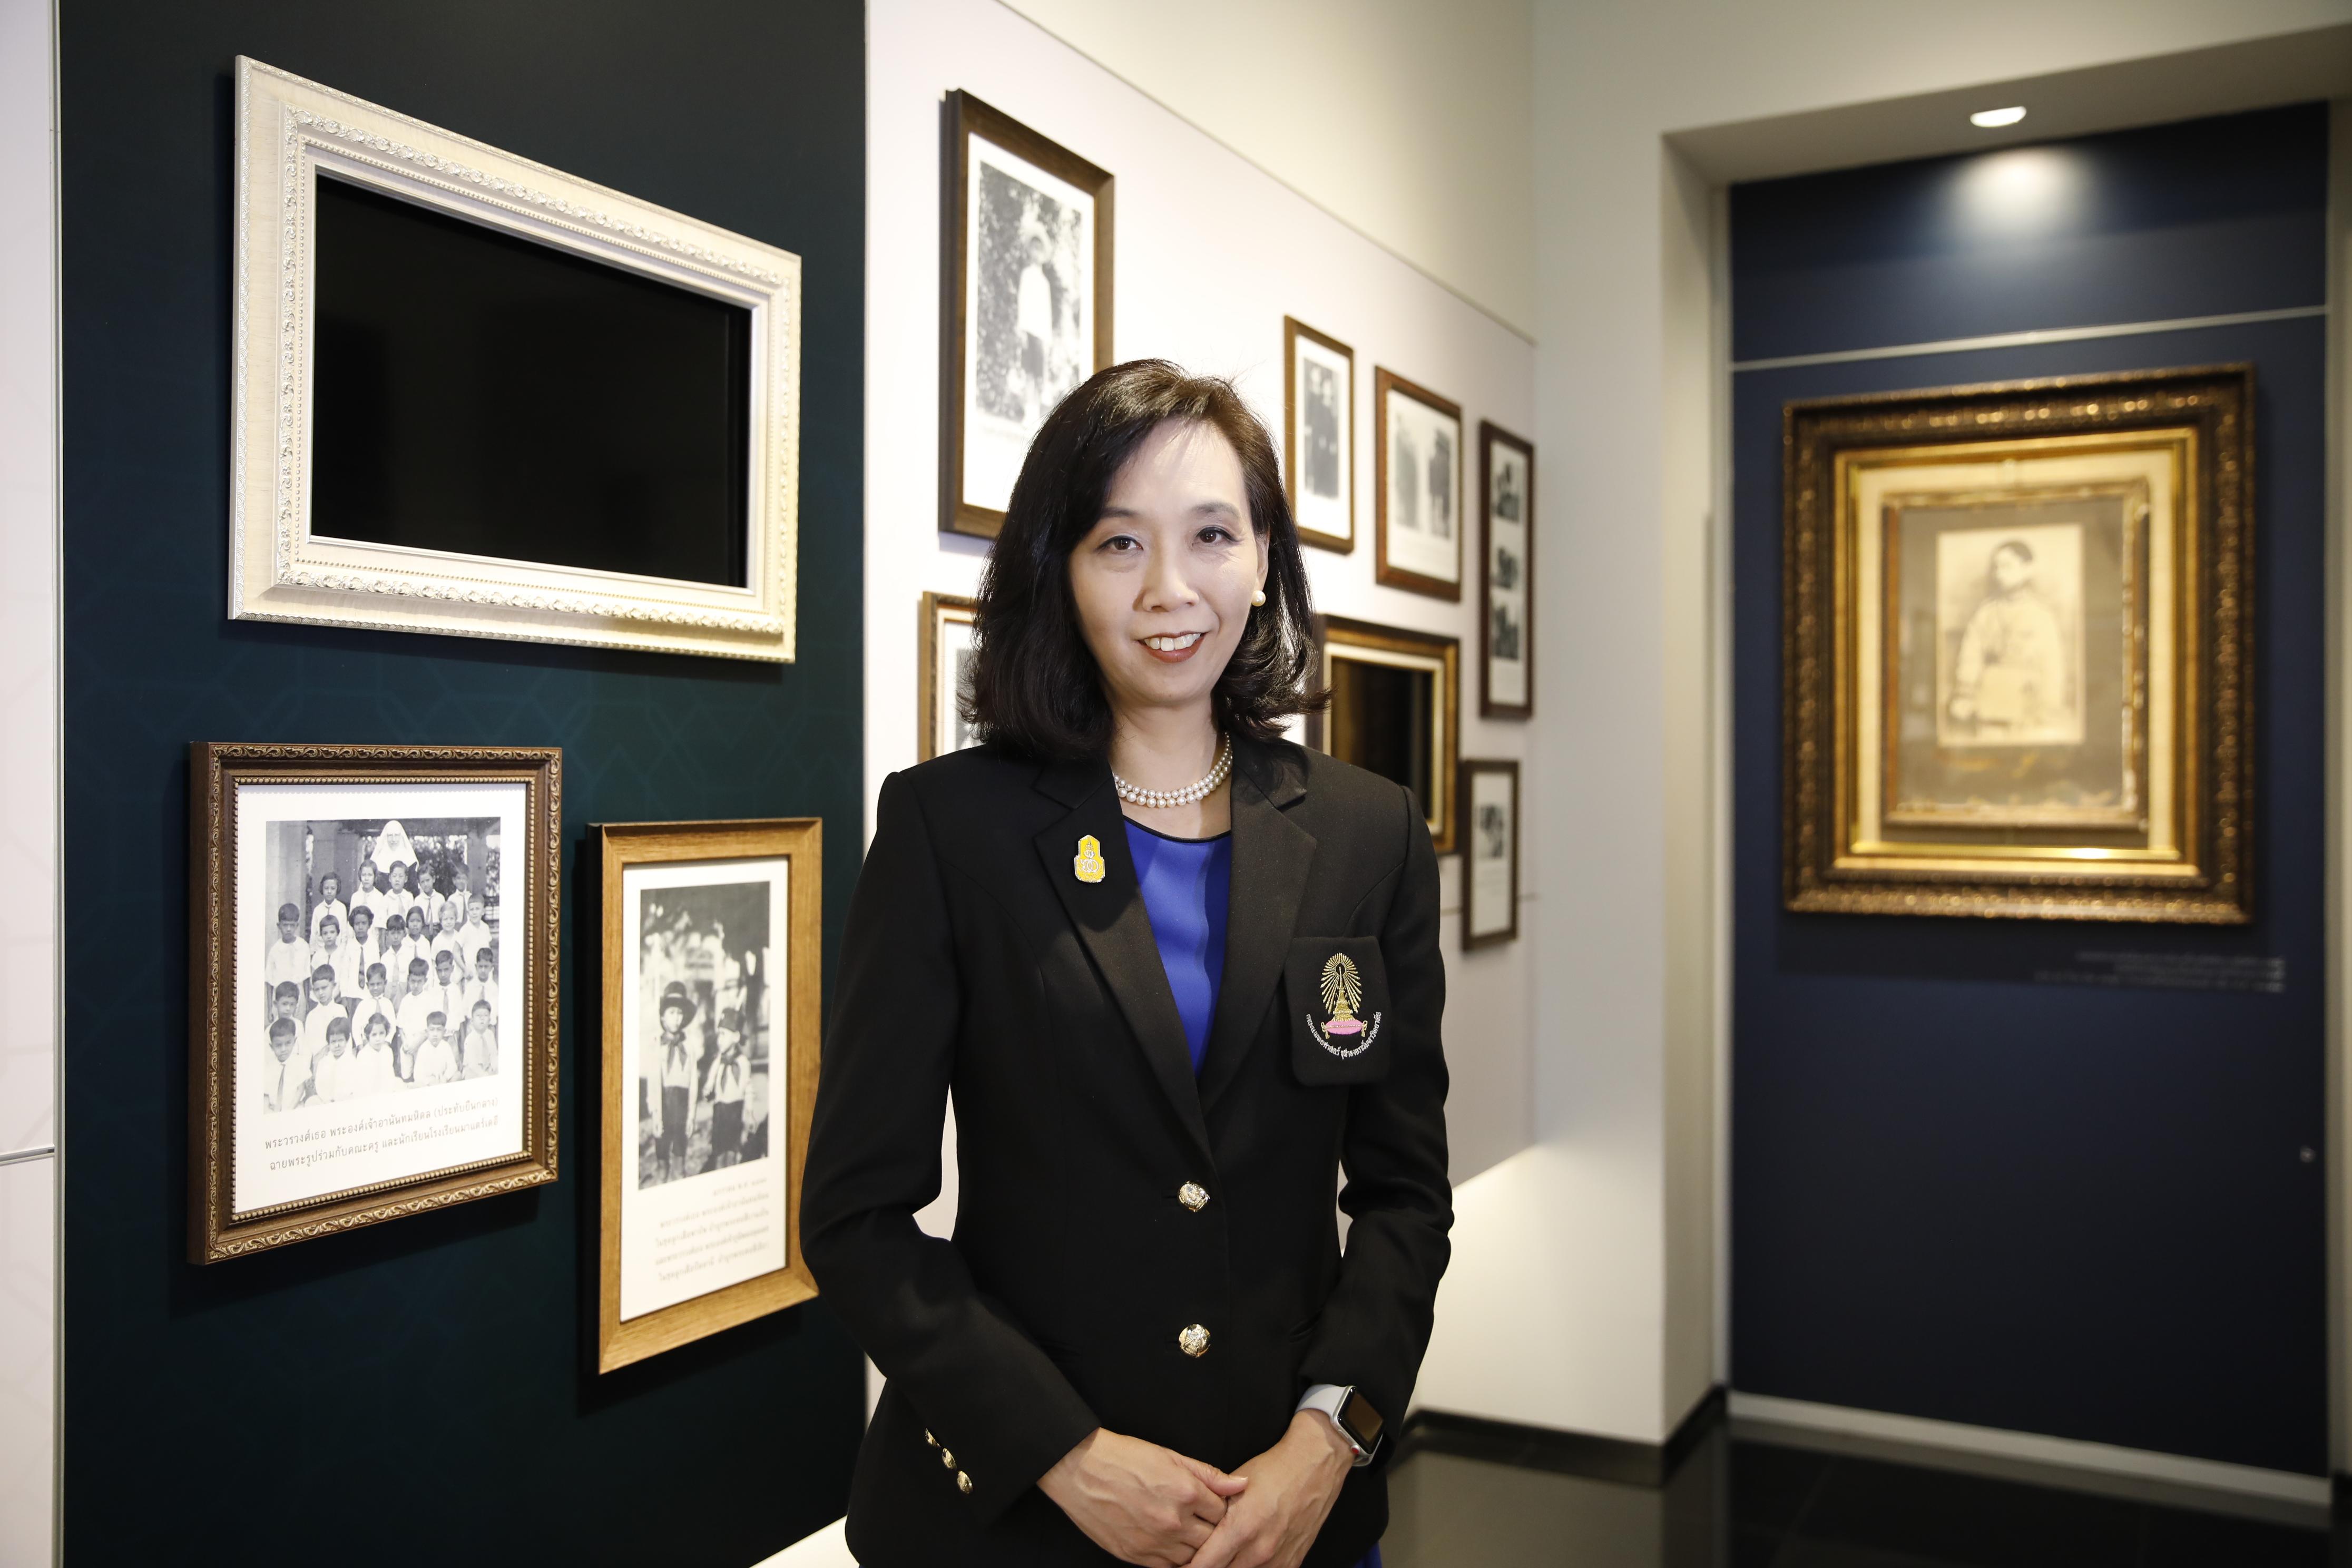 """หลักสูตรแพทย์จุฬาฯ อินเตอร์ 4 ปี แห่งแรกในไทย """"จบปริญญาตรีสาขาใด ถ้ามีความตั้งใจ ก็เป็นแพทย์ได้"""""""